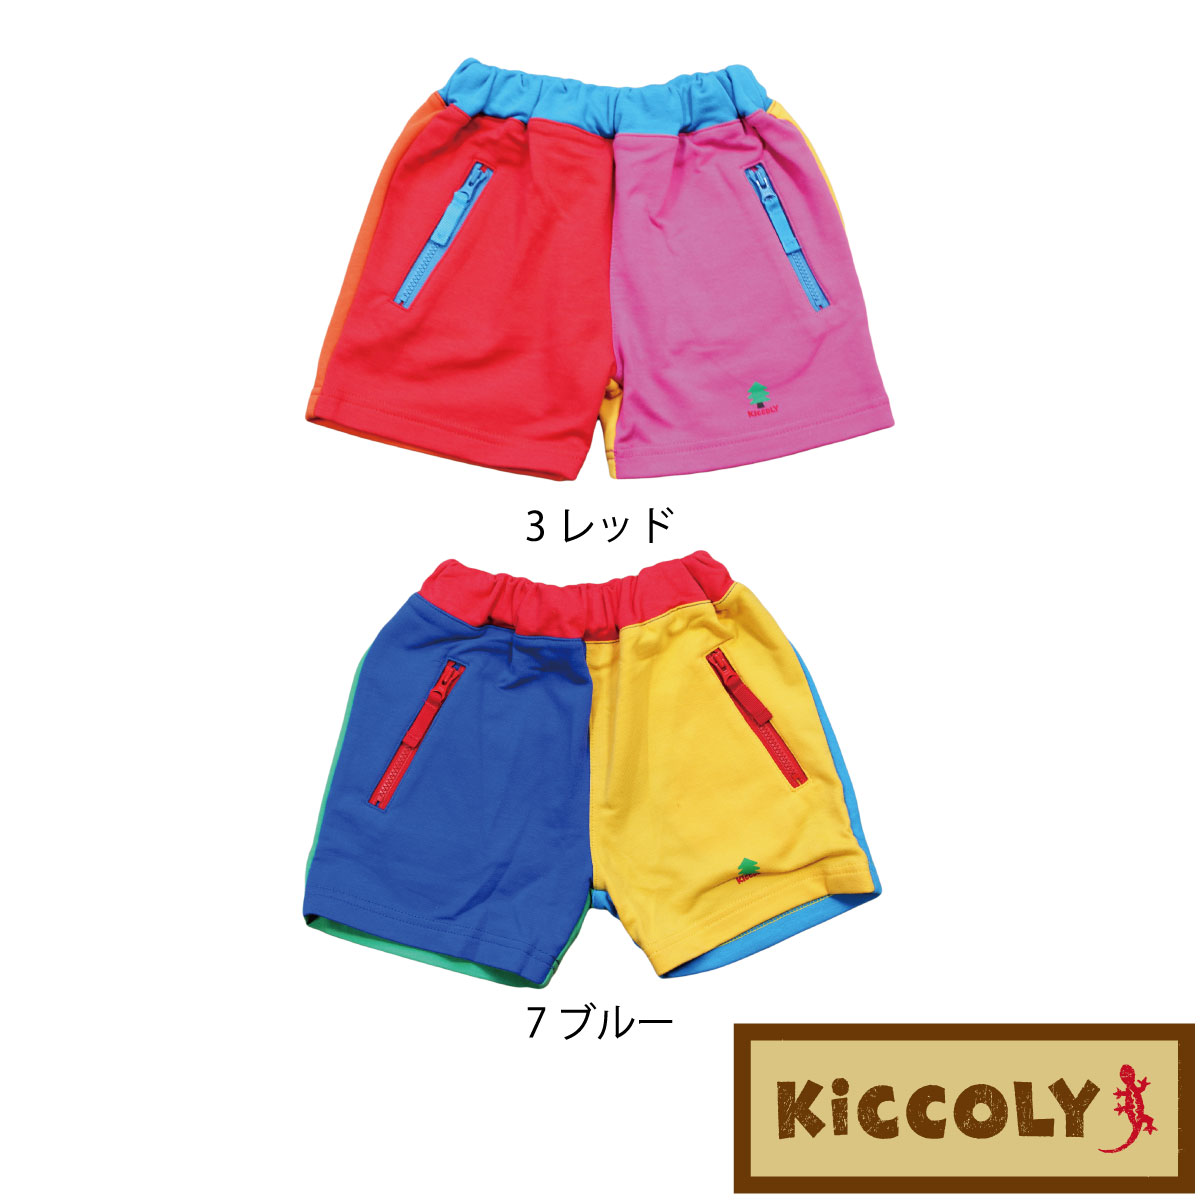 【セール】【SiShuNon/キッコリー】クレイジー配色ショート丈パンツ ベビー服 子供服 キッズ パンツ カラフル 男の子 女の子